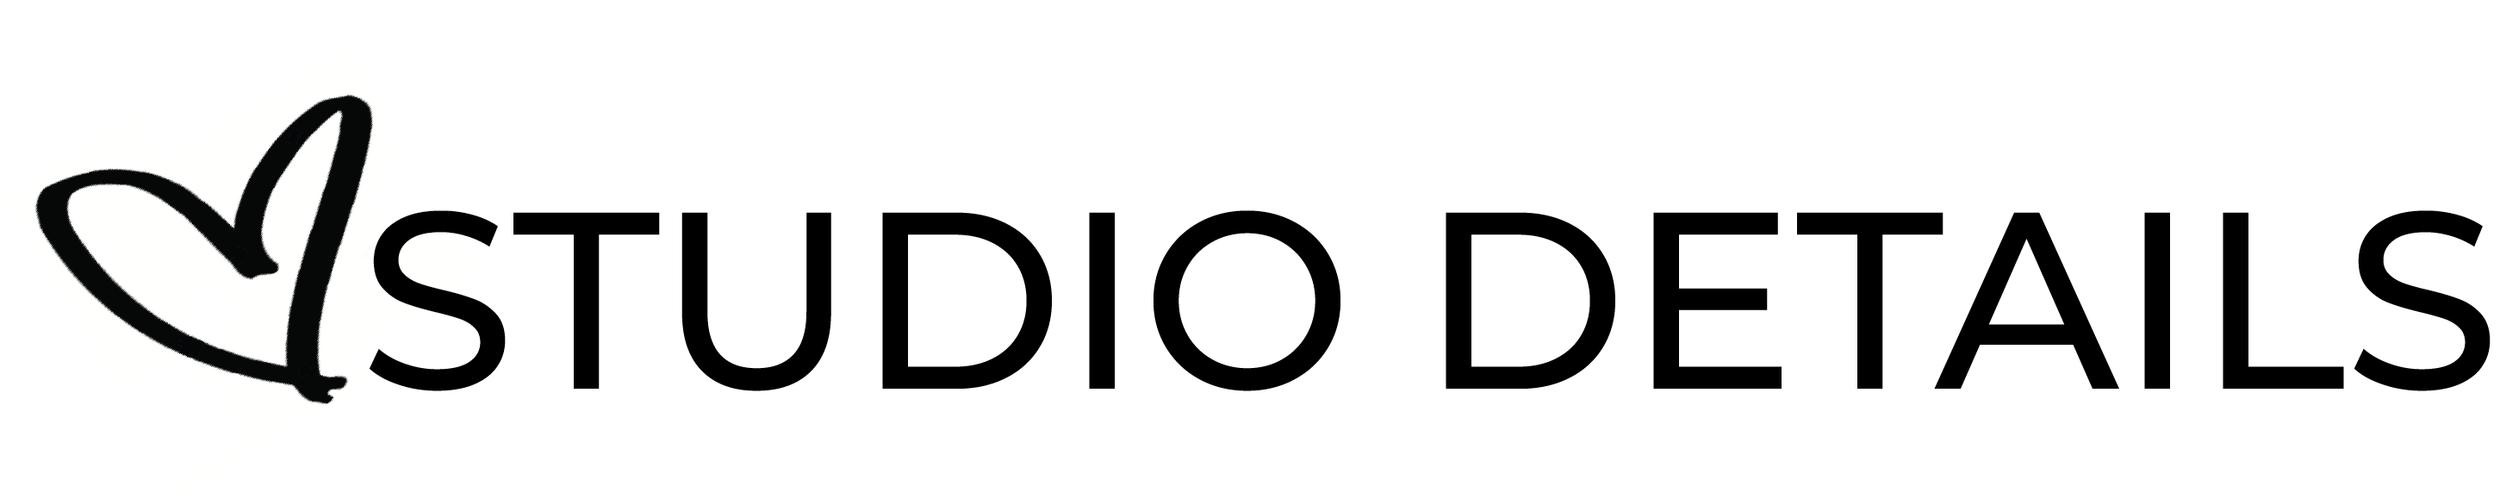 studiodetails.png